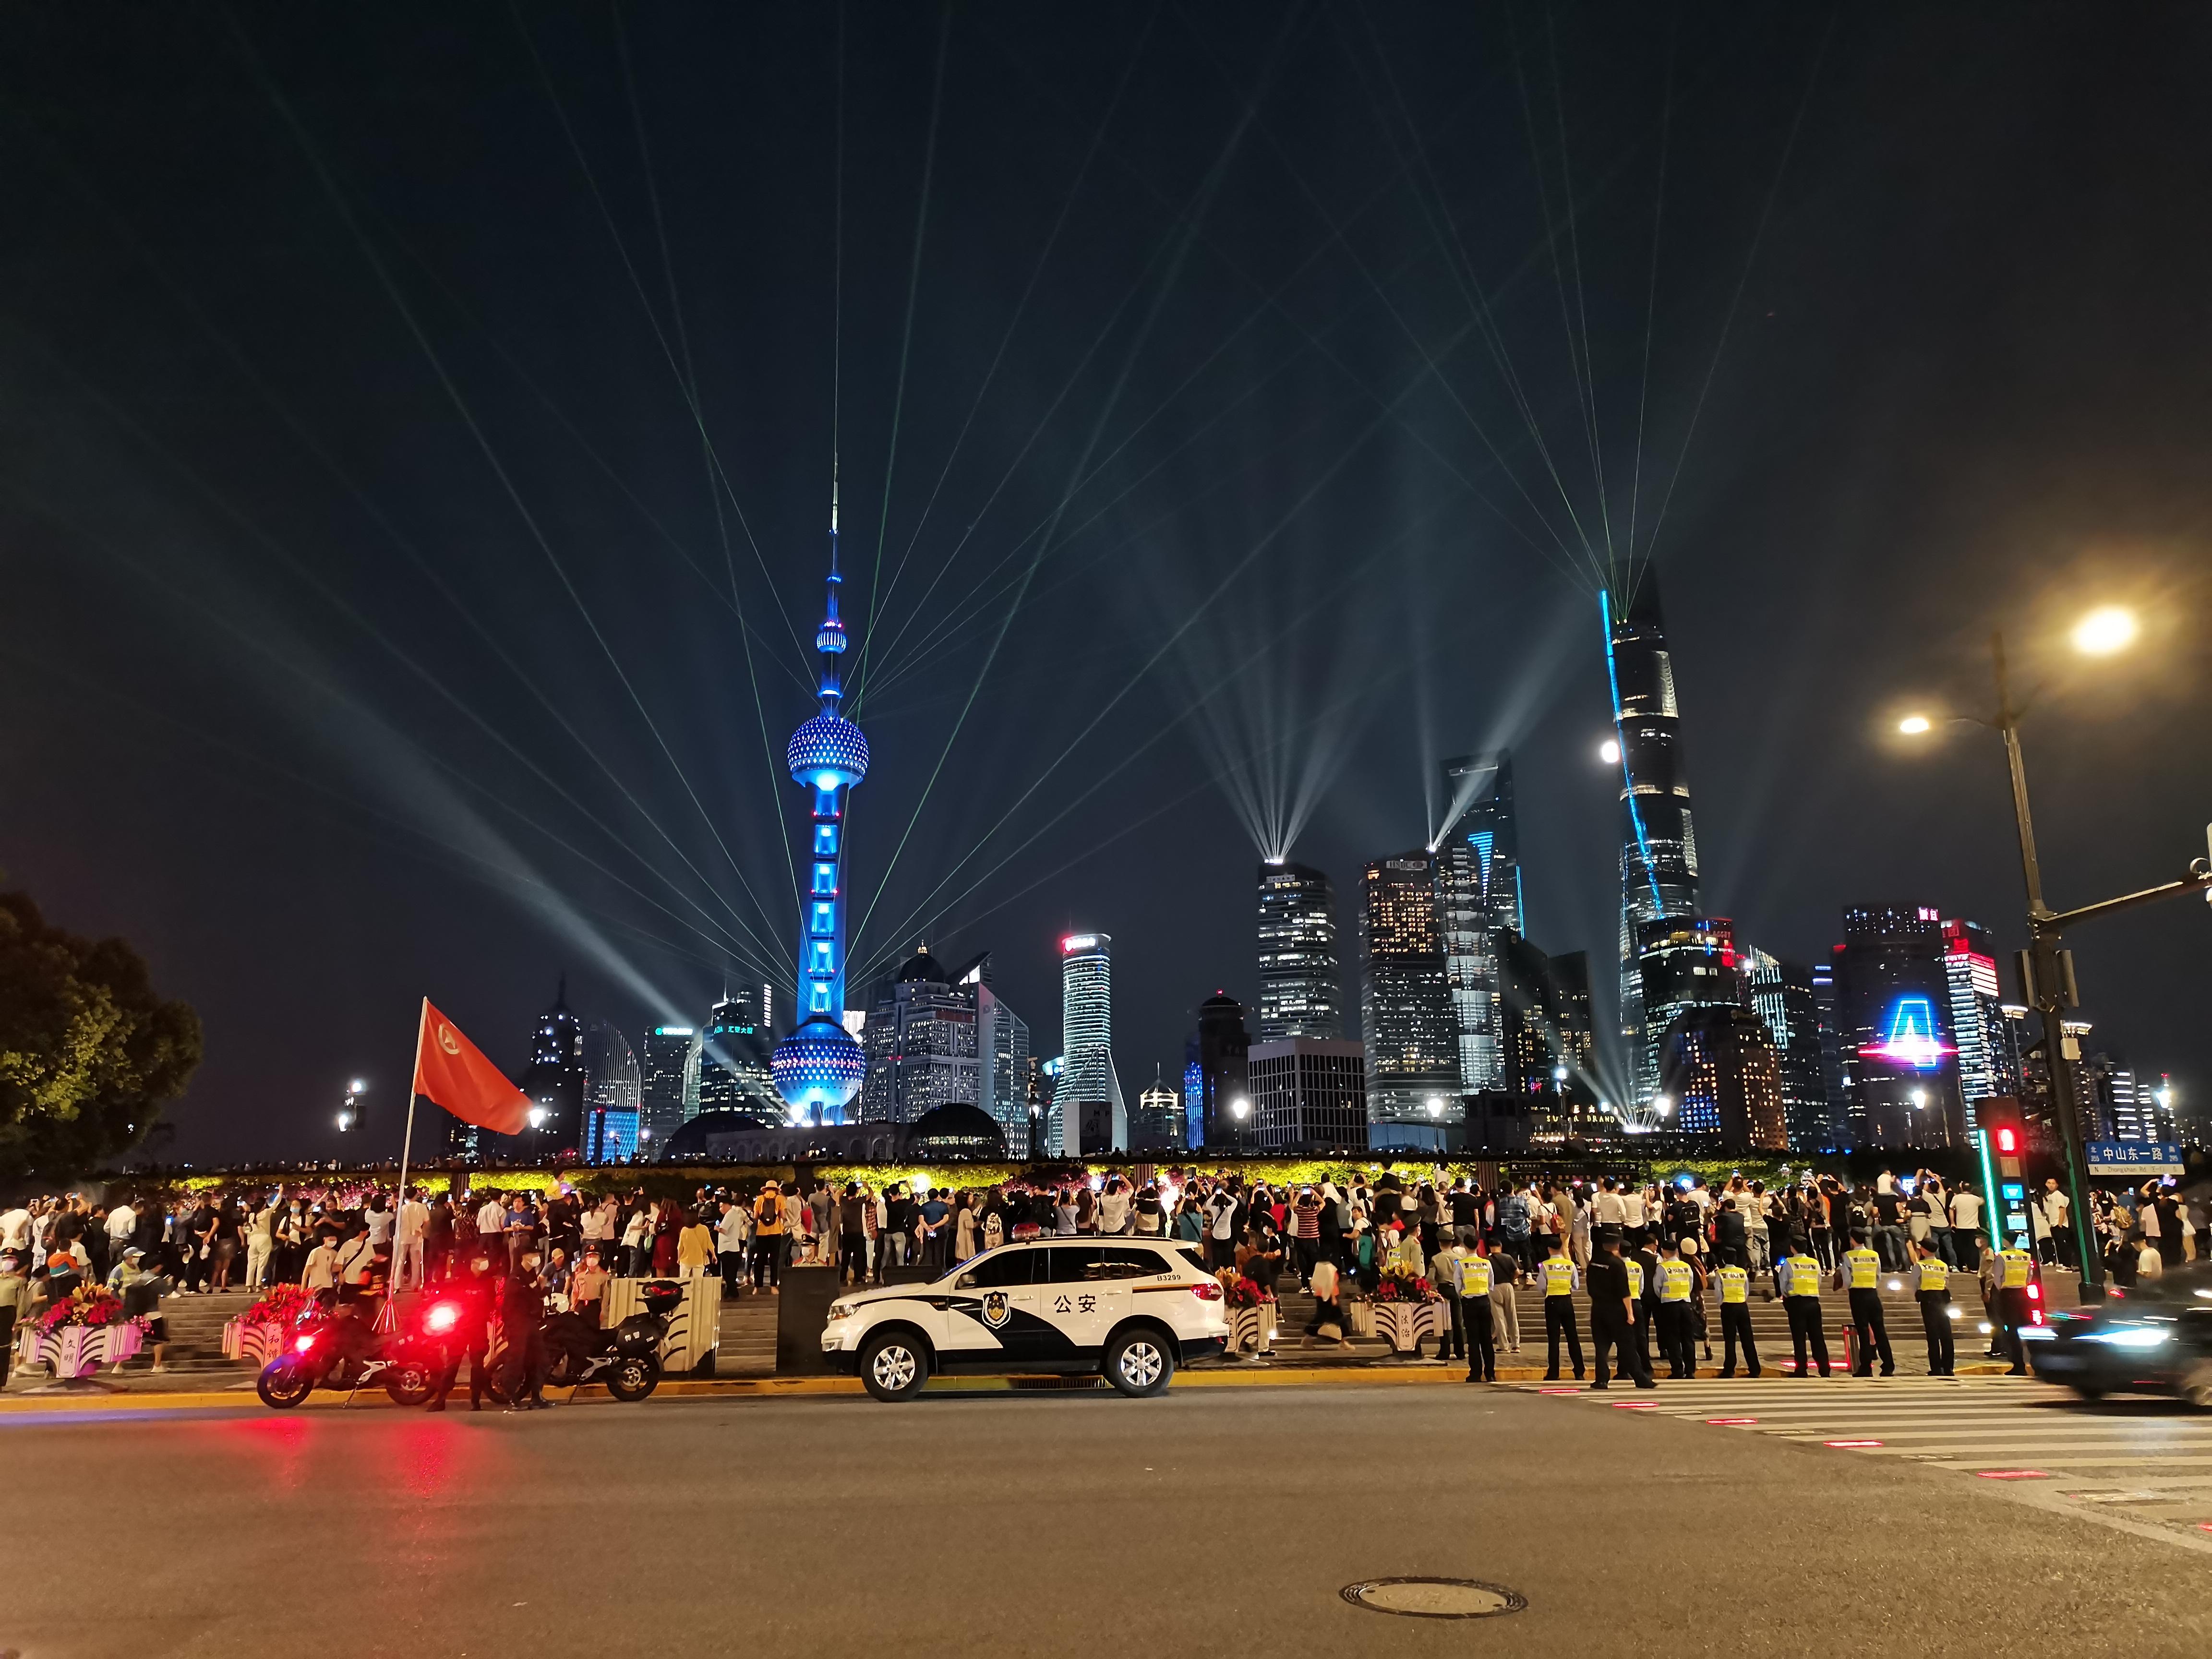 9月30日晚,上海外滩再现超大客流,黄浦警方组成拉链式人墙维护秩序。